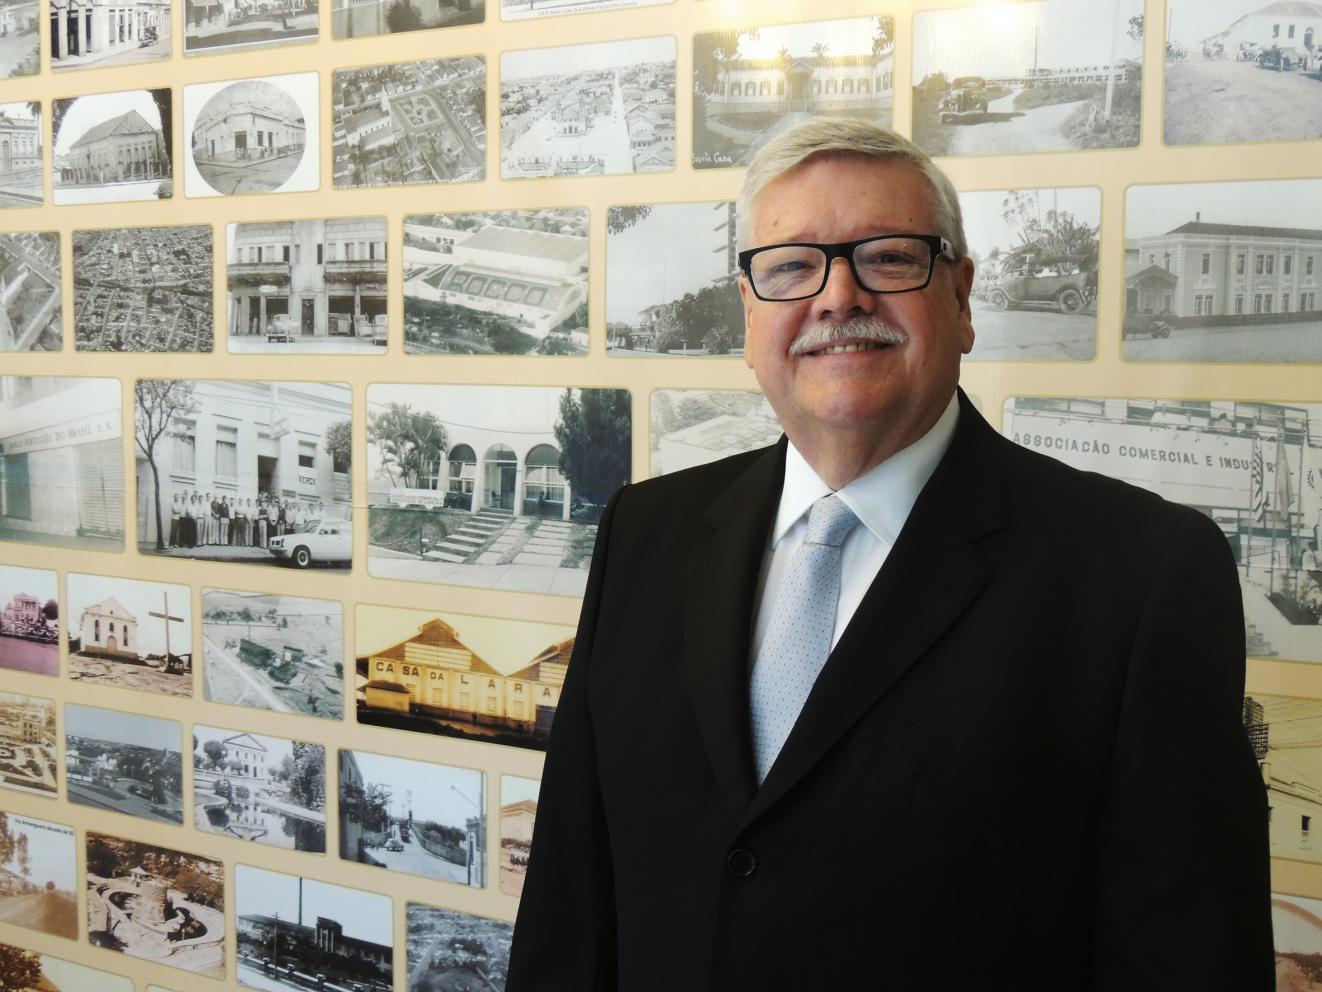 Diretoria da ACIL Limeira é eleita para biênio 2020/2021